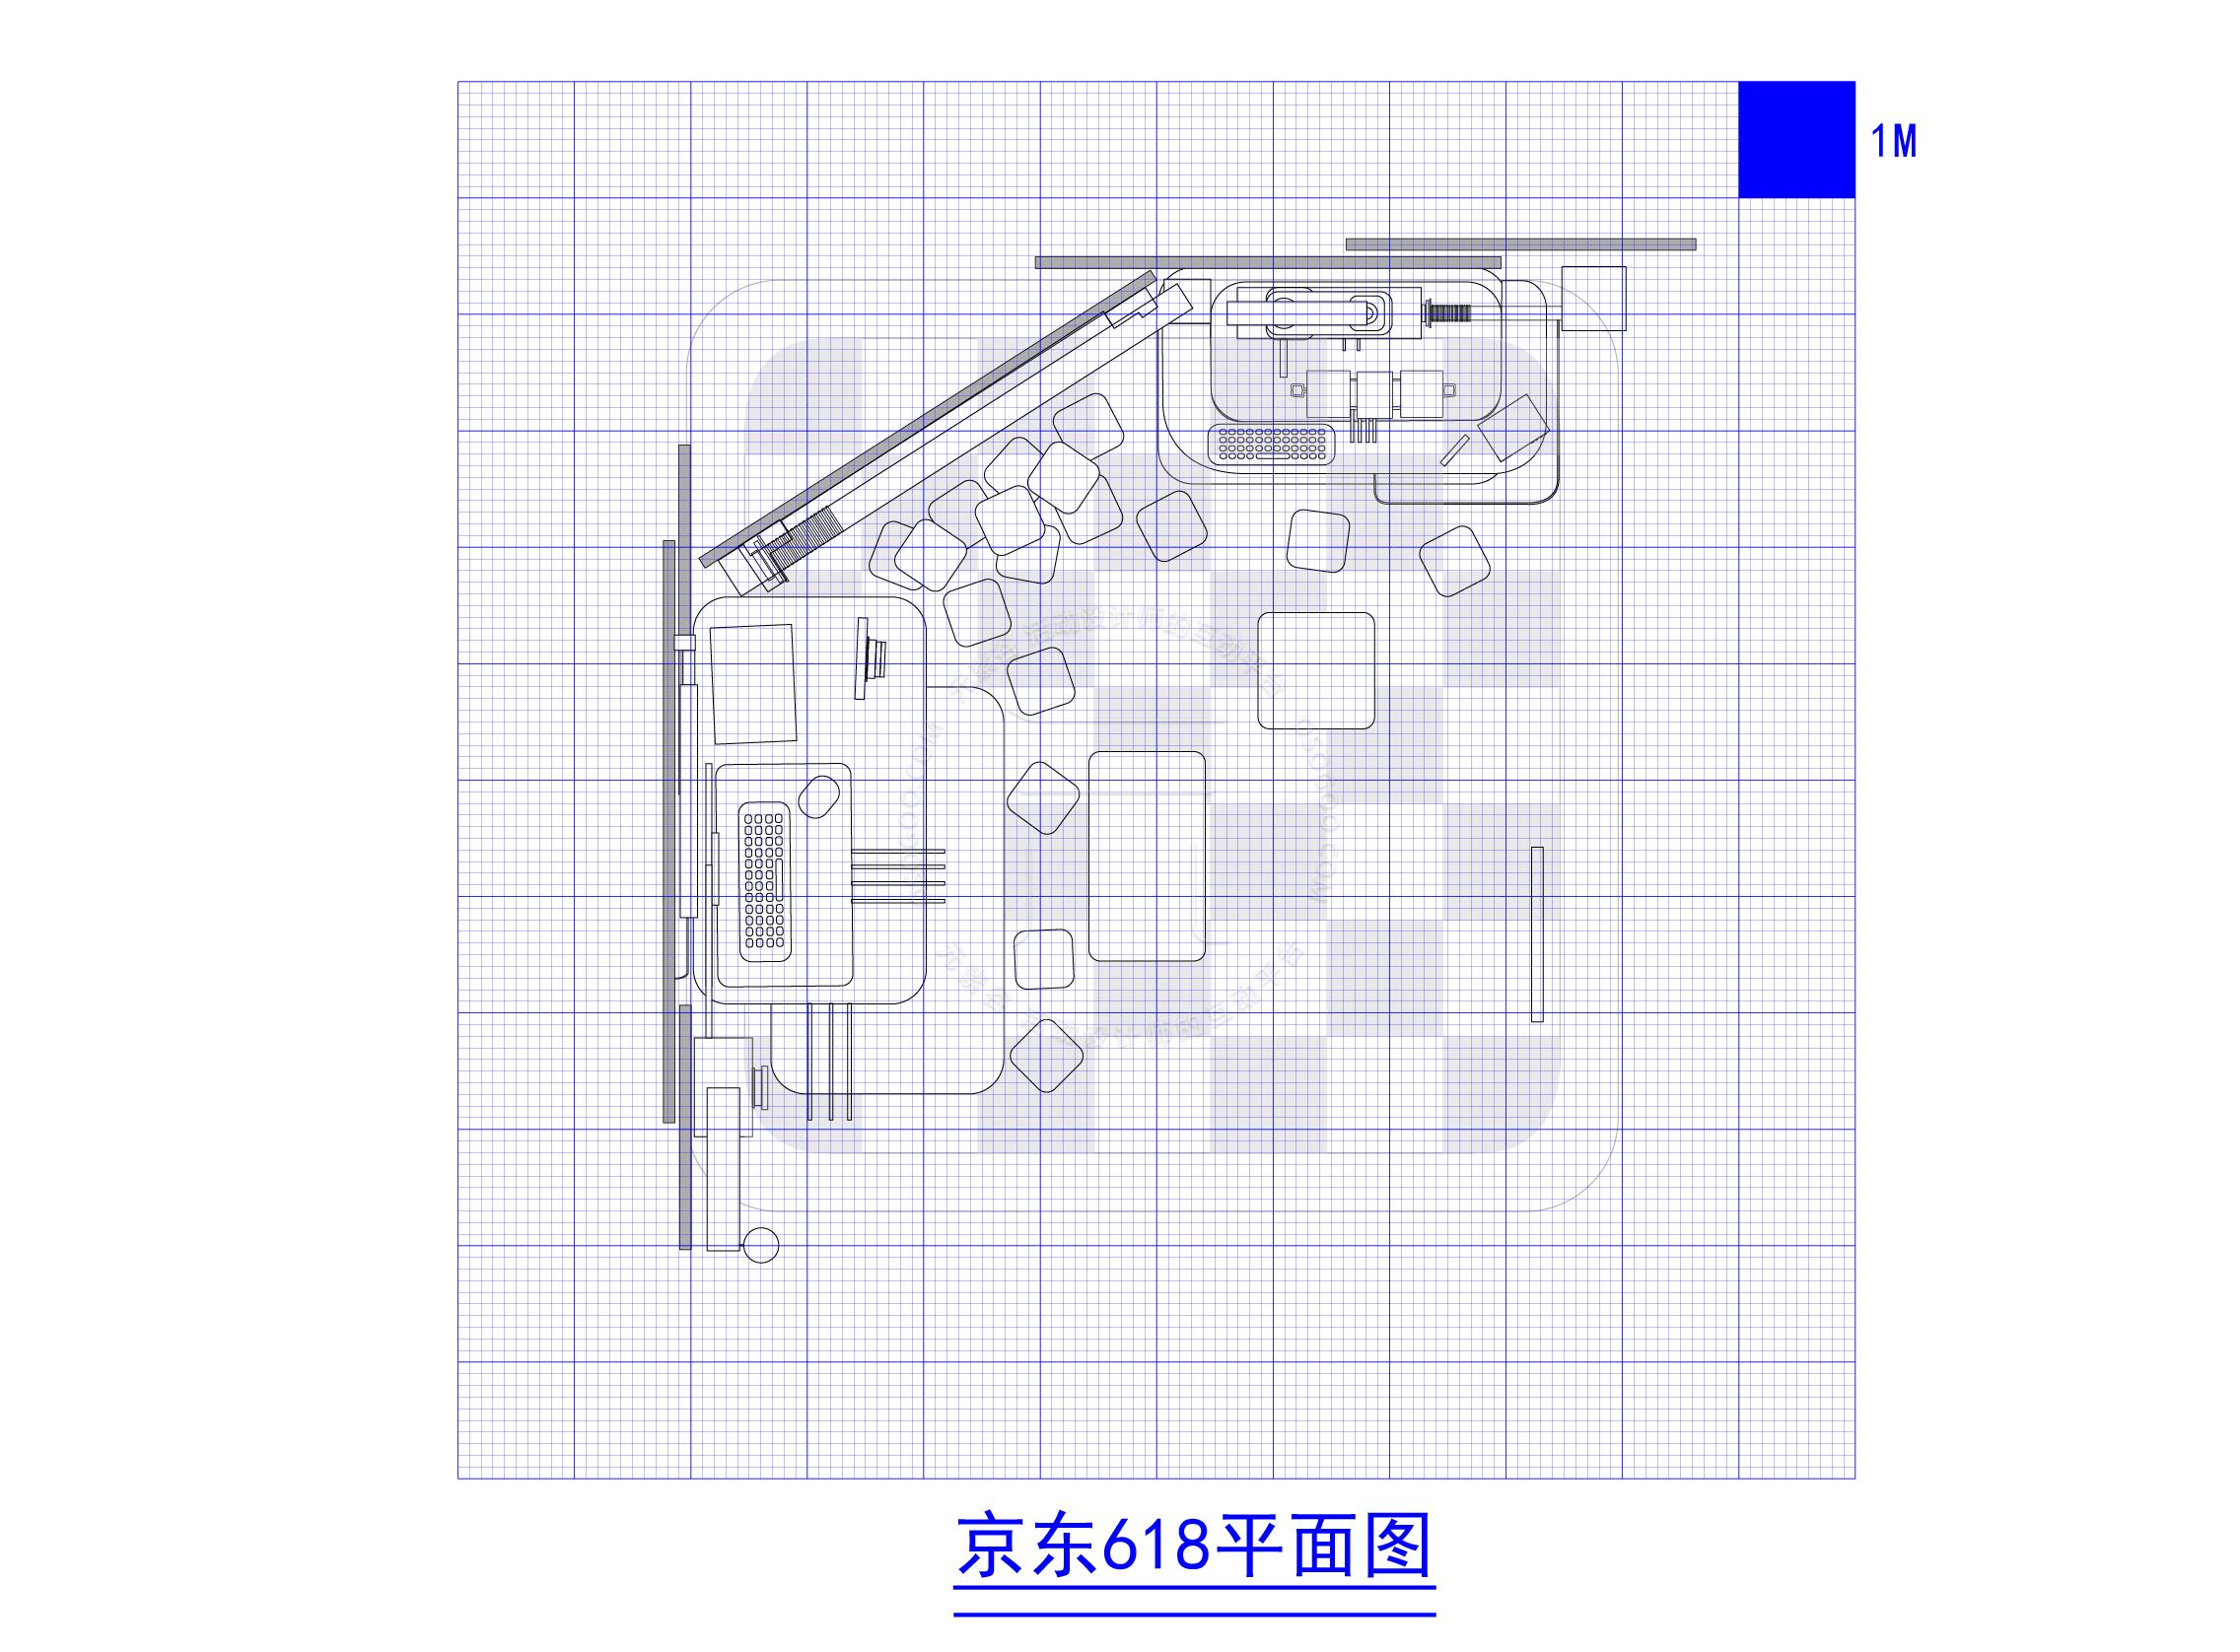 2018斗鱼京东618